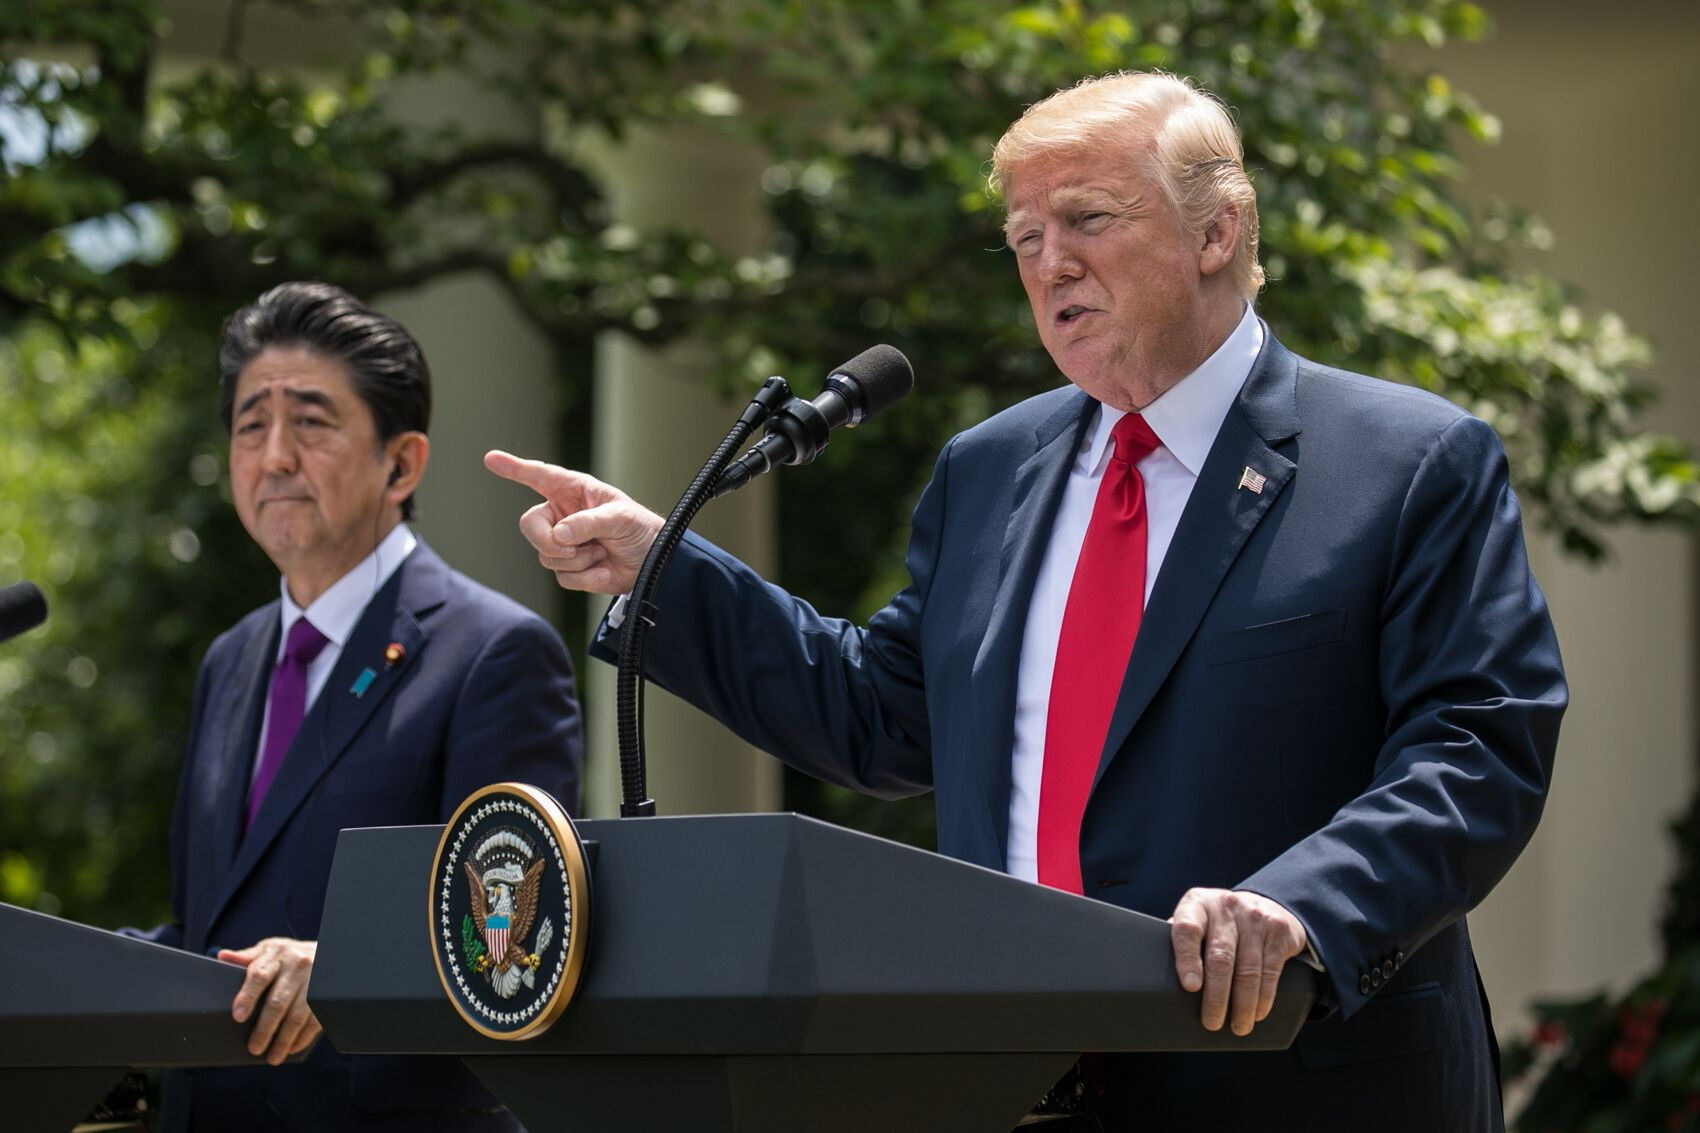 写真・図版 : ホワイトハウスのローズガーデンで共同会見するトランプ大統領(右)と安倍晋三首相=ワシントン、ランハム裕子撮影、2018年6月7日